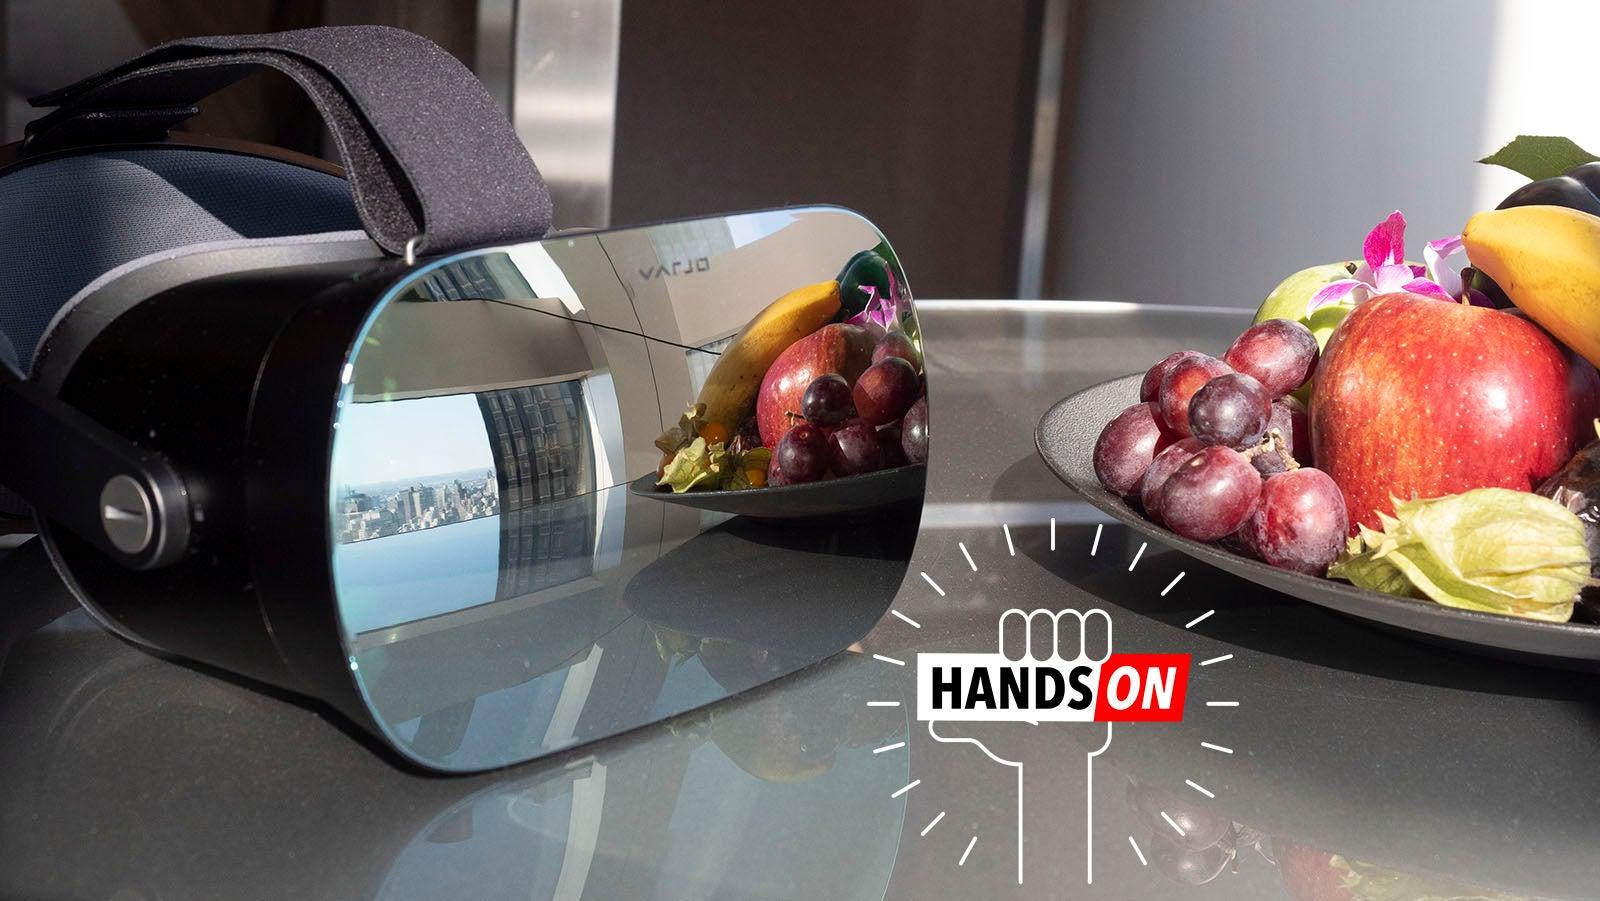 consumer-tech headset varjo varjo-vr-1 virtual-reality vr